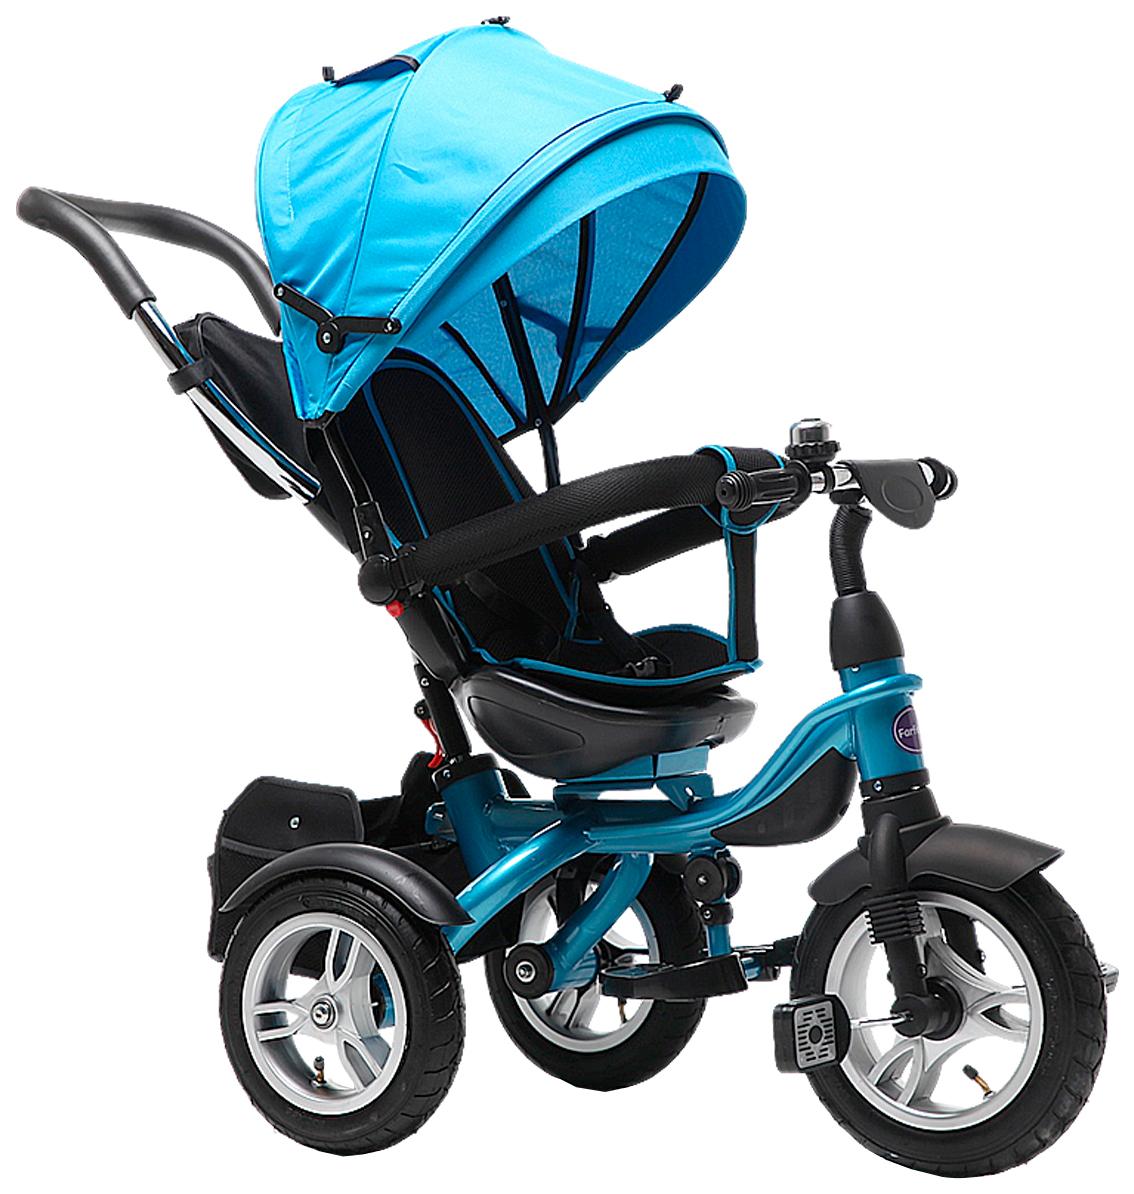 Купить Велосипед трехколесный Farfello TSTX6688-4 небесно-голубой, Детские велосипеды-коляски